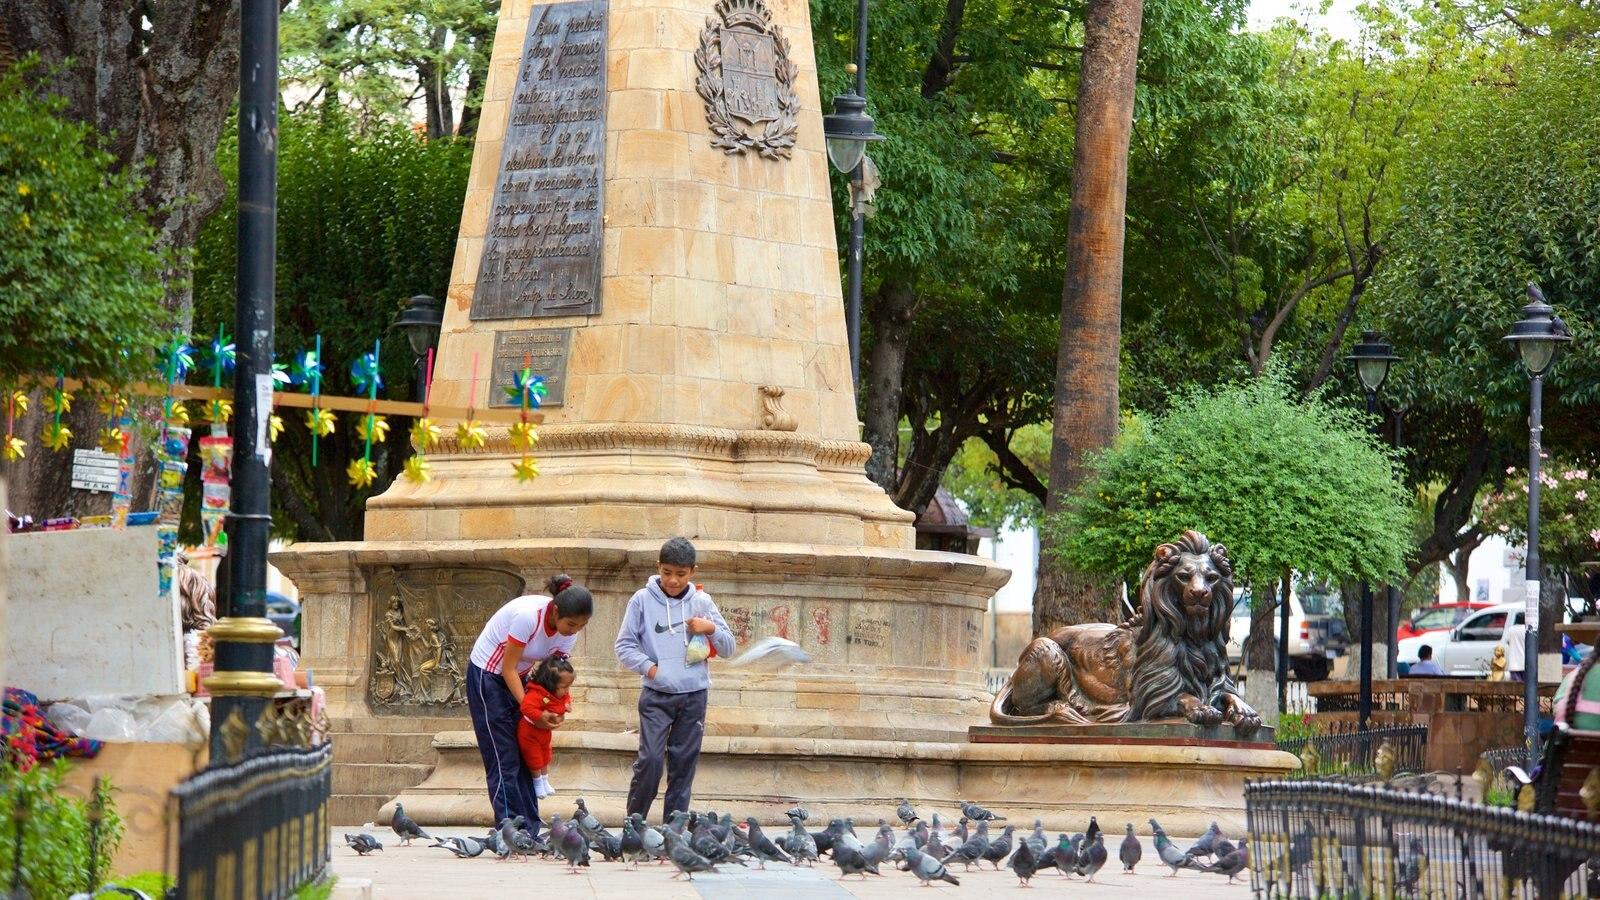 Plaza de 25 de Mayo mostrando vida das aves e uma estátua ou escultura